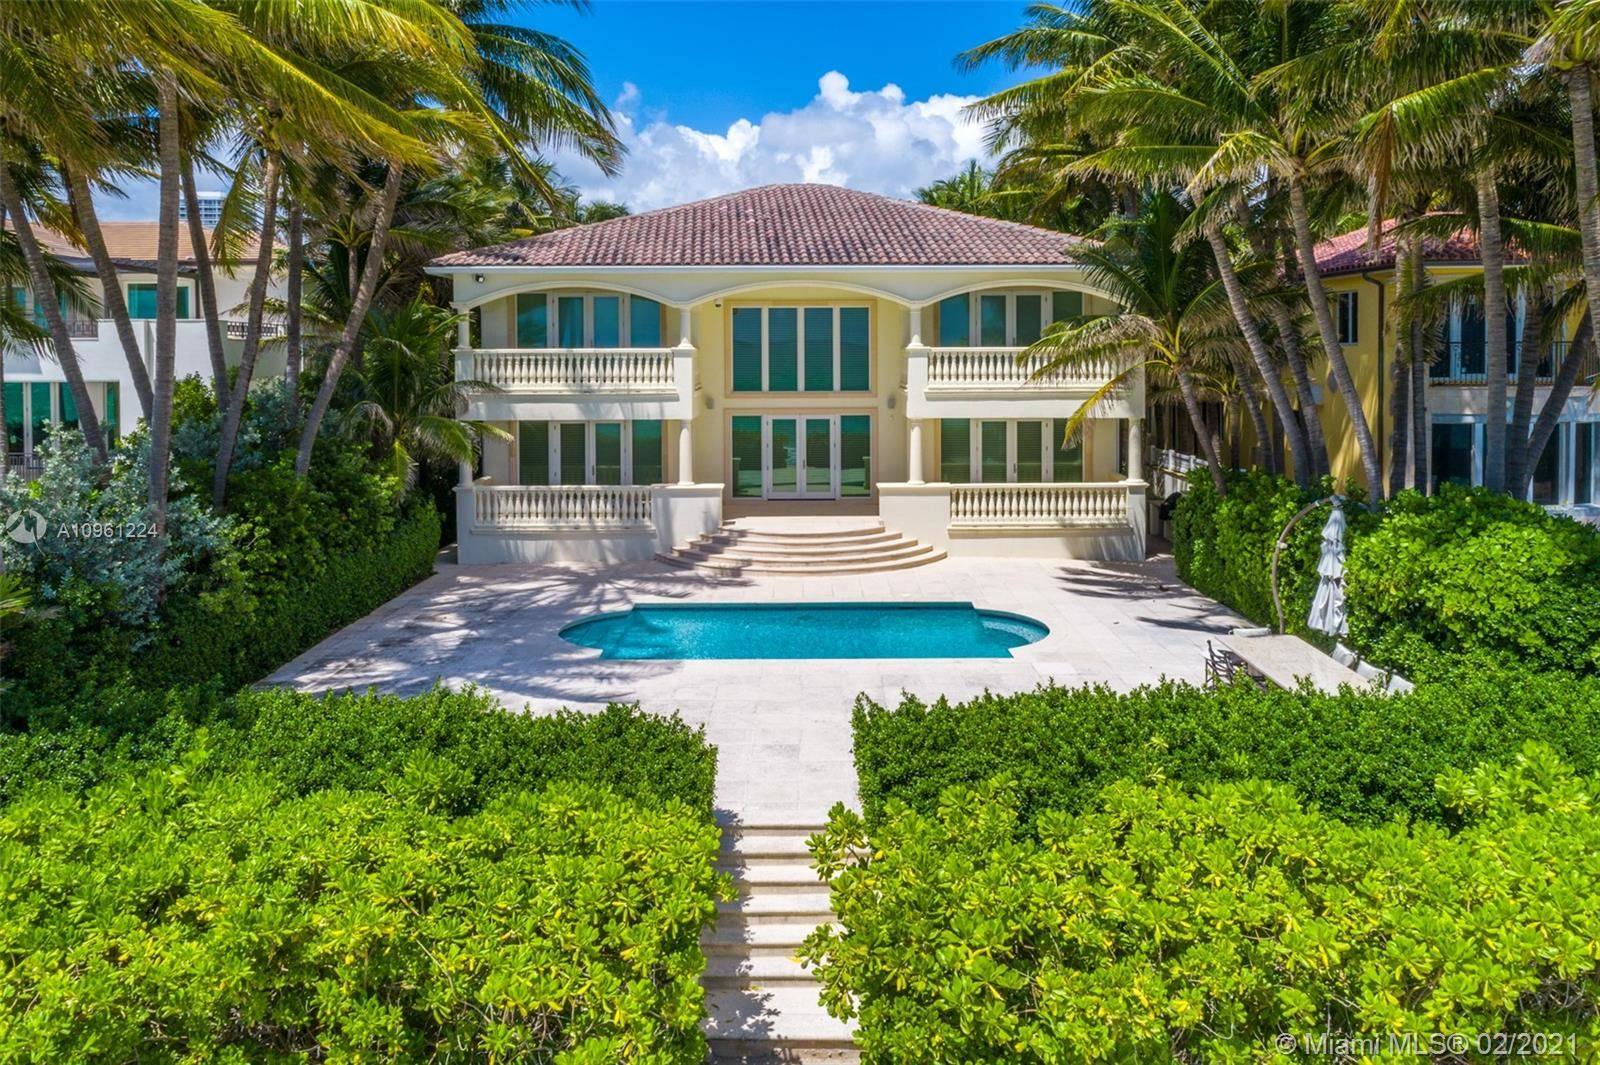 Photo of 547 Ocean Blvd, Golden Beach, FL 33160 (MLS # A10961224)